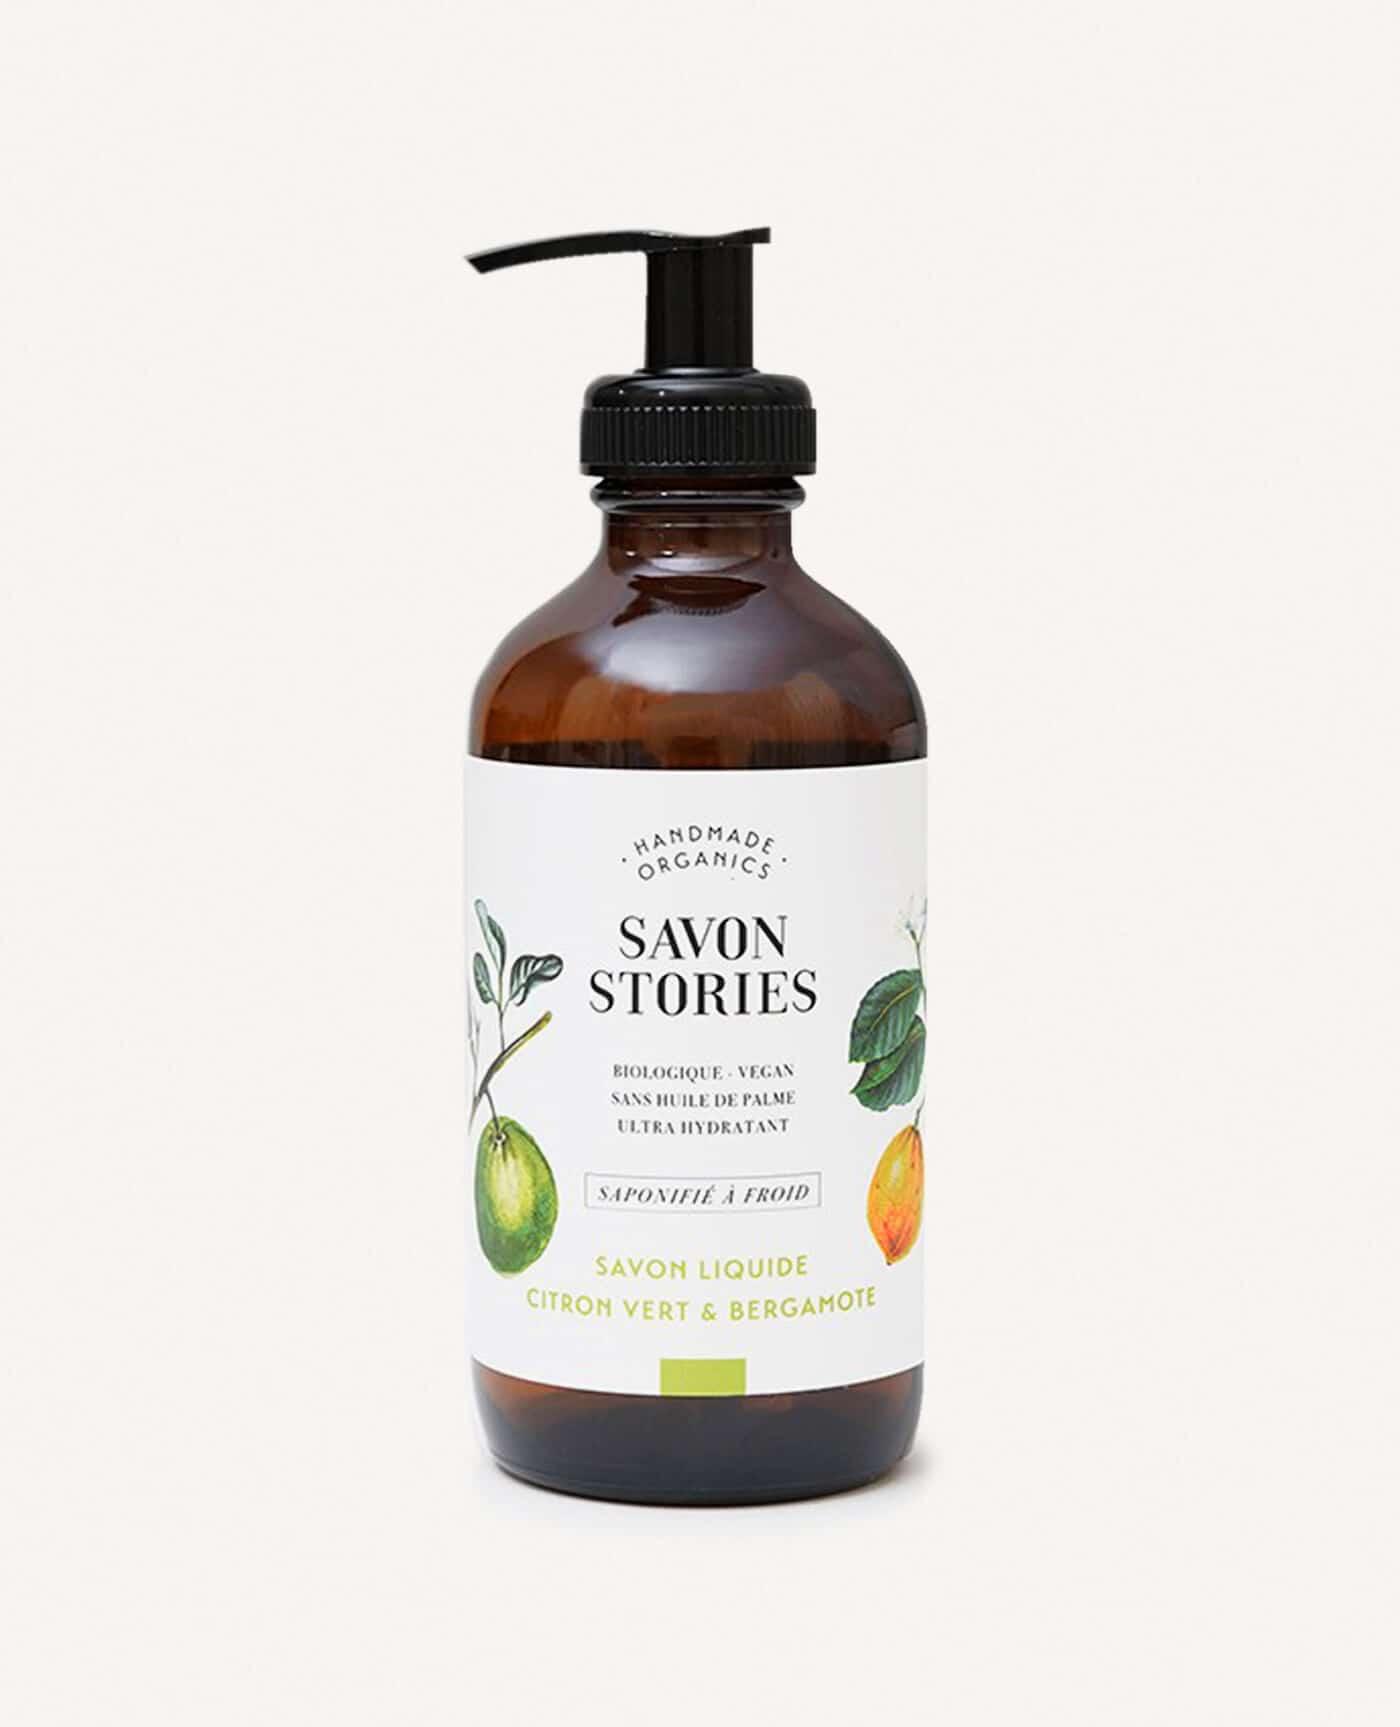 Savon liquide bio, naturel et vegan au citron vert et bergamote de la marque Savon Stories made in france